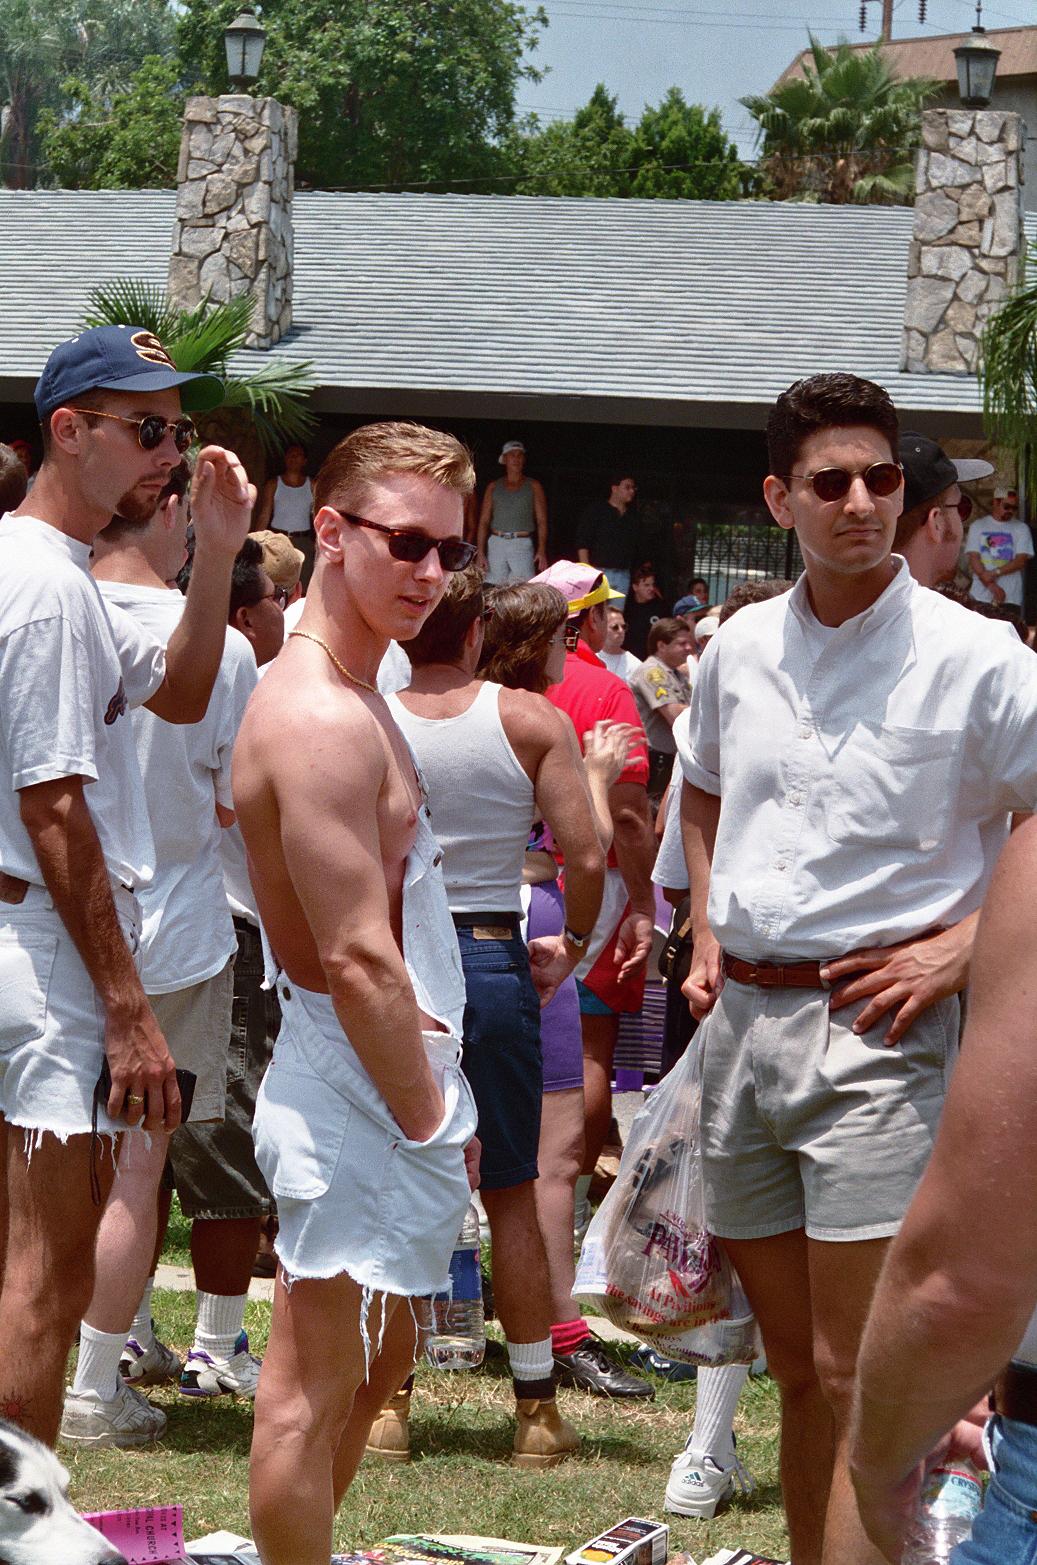 la-pride-1987-1995_22123182780_o